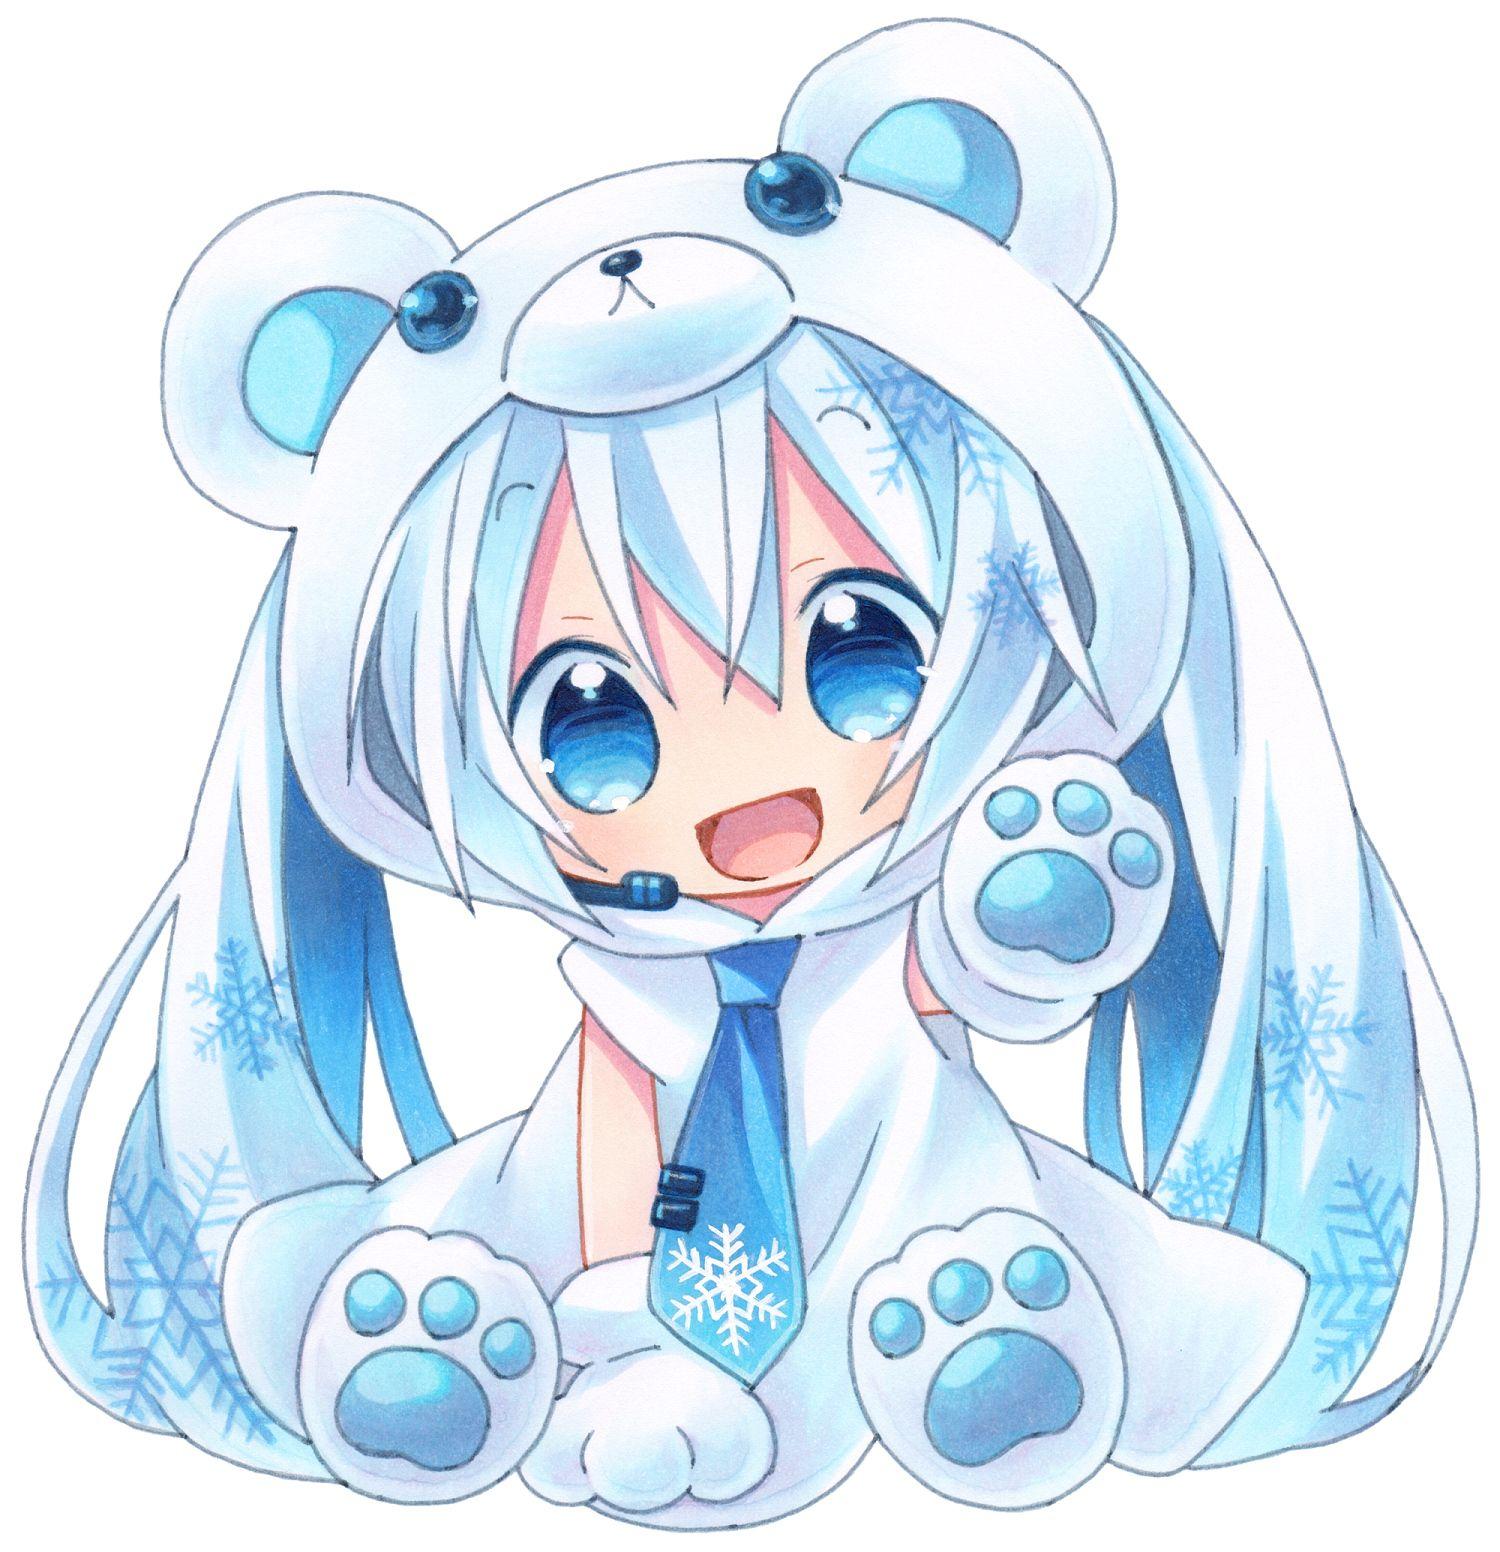 Cute Anime Chibi Girl Cute Anime Chibi Anime Kawaii Anime